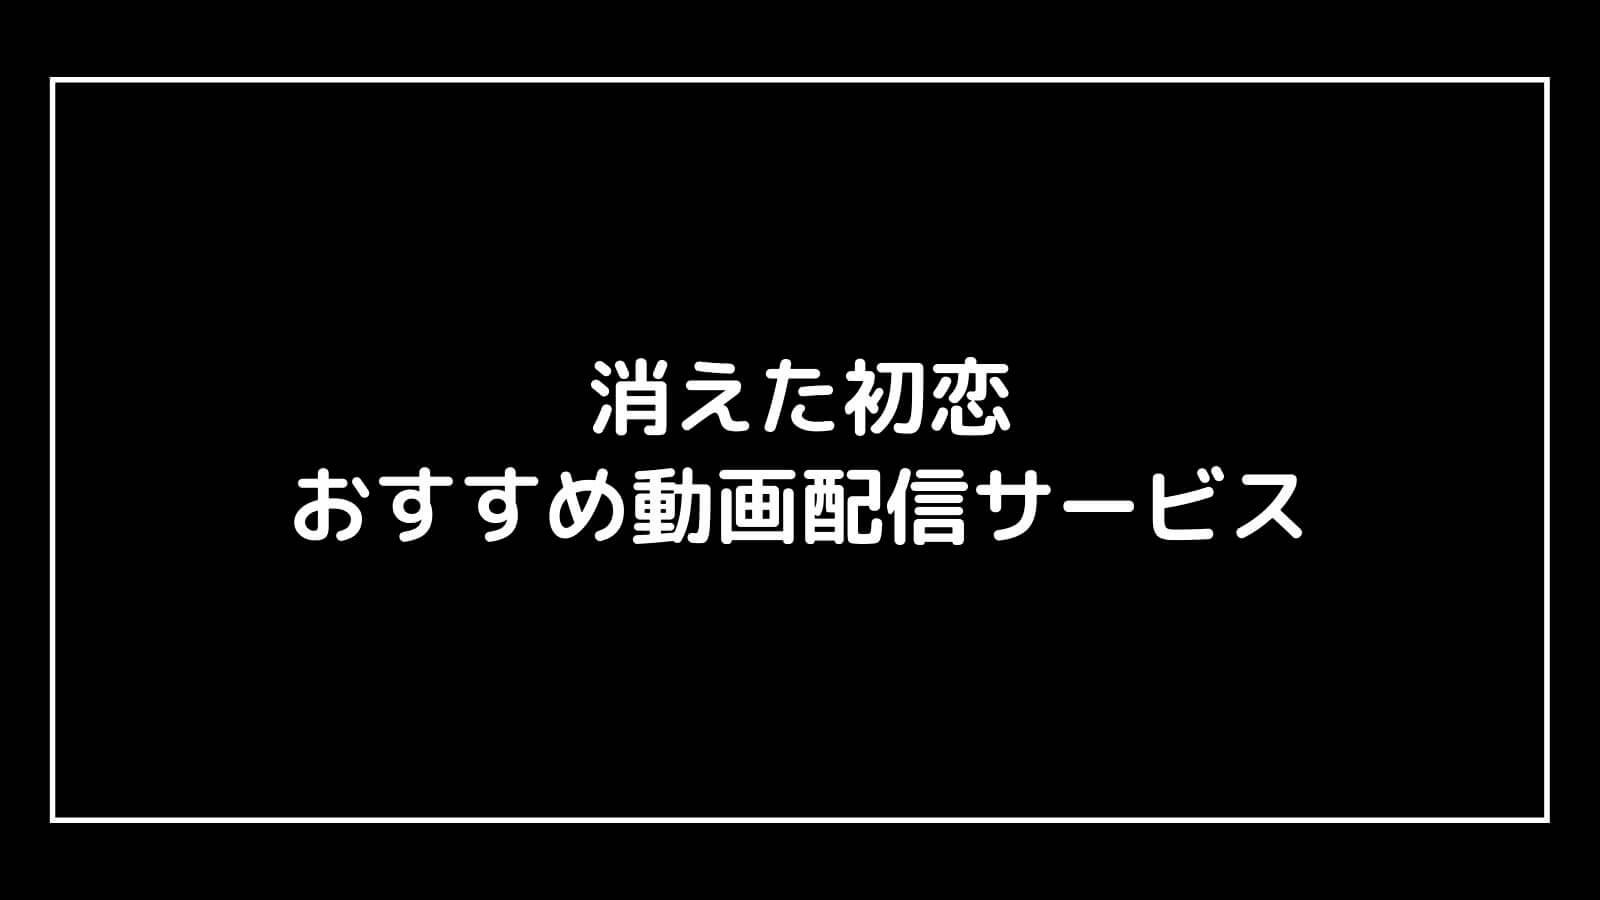 ドラマ『消えた初恋』を全話フルで無料視聴できる見逃し動画配信サブスクまとめ